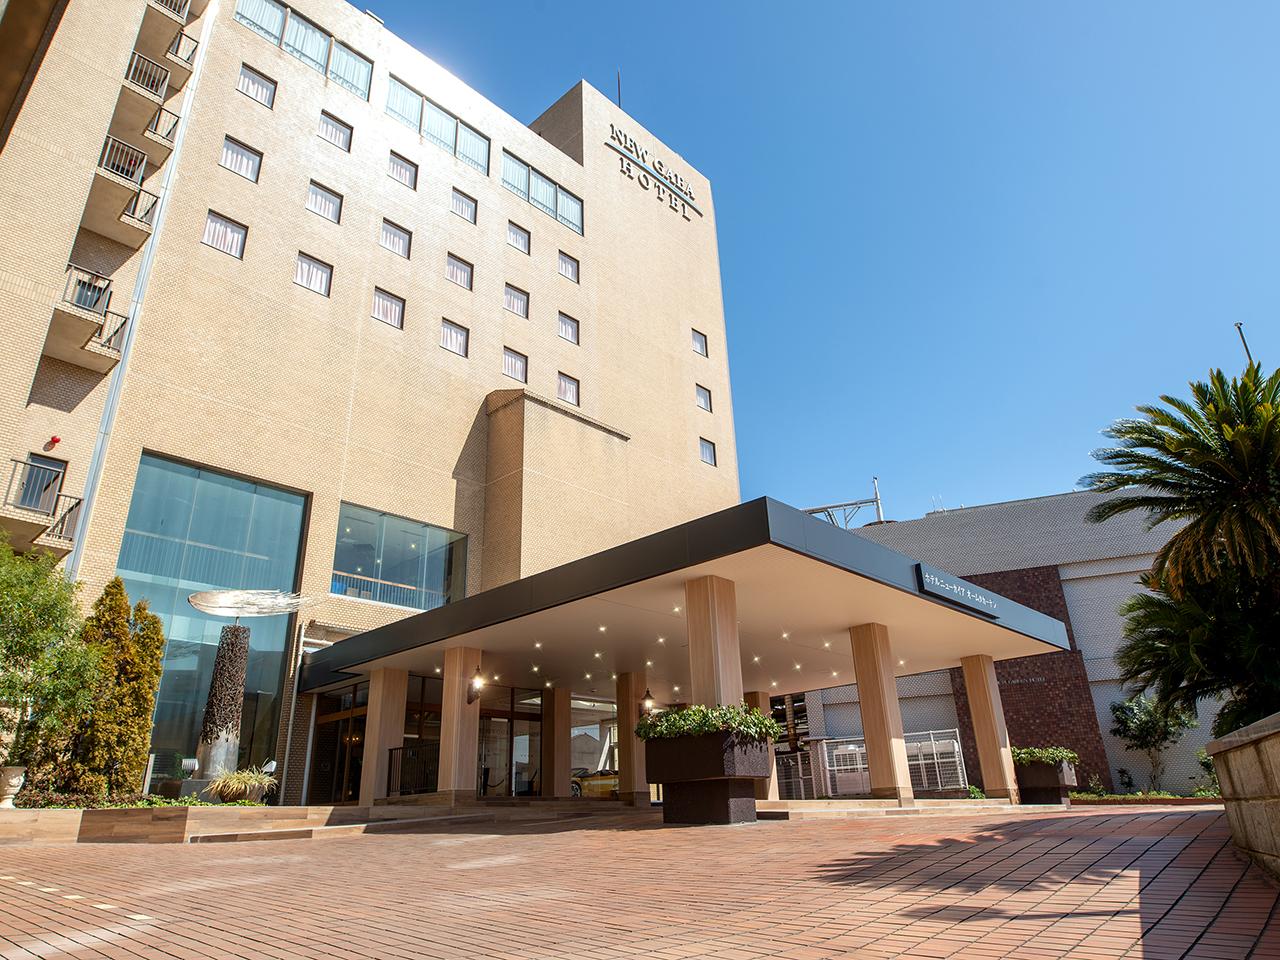 ホテルニューガイア オームタガーデン